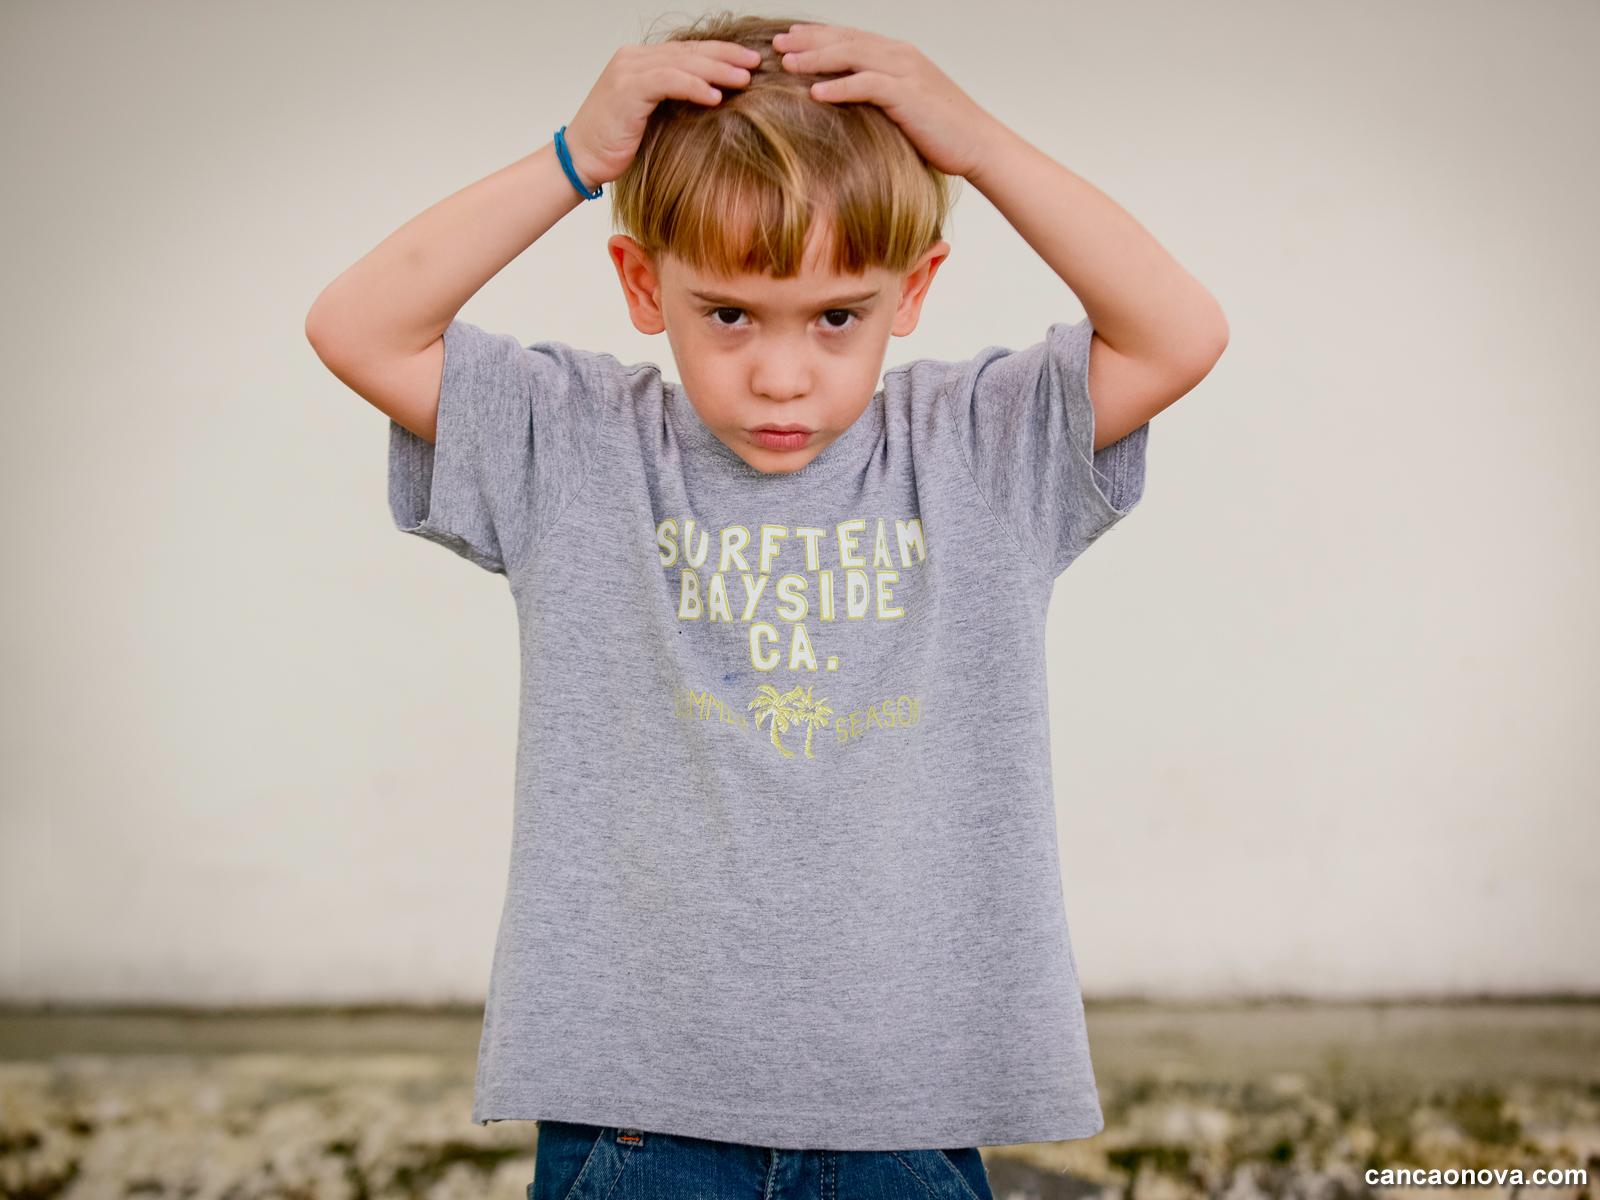 como_ensinar_os_ filhos_a_ lidarem_com_a_ansiedade